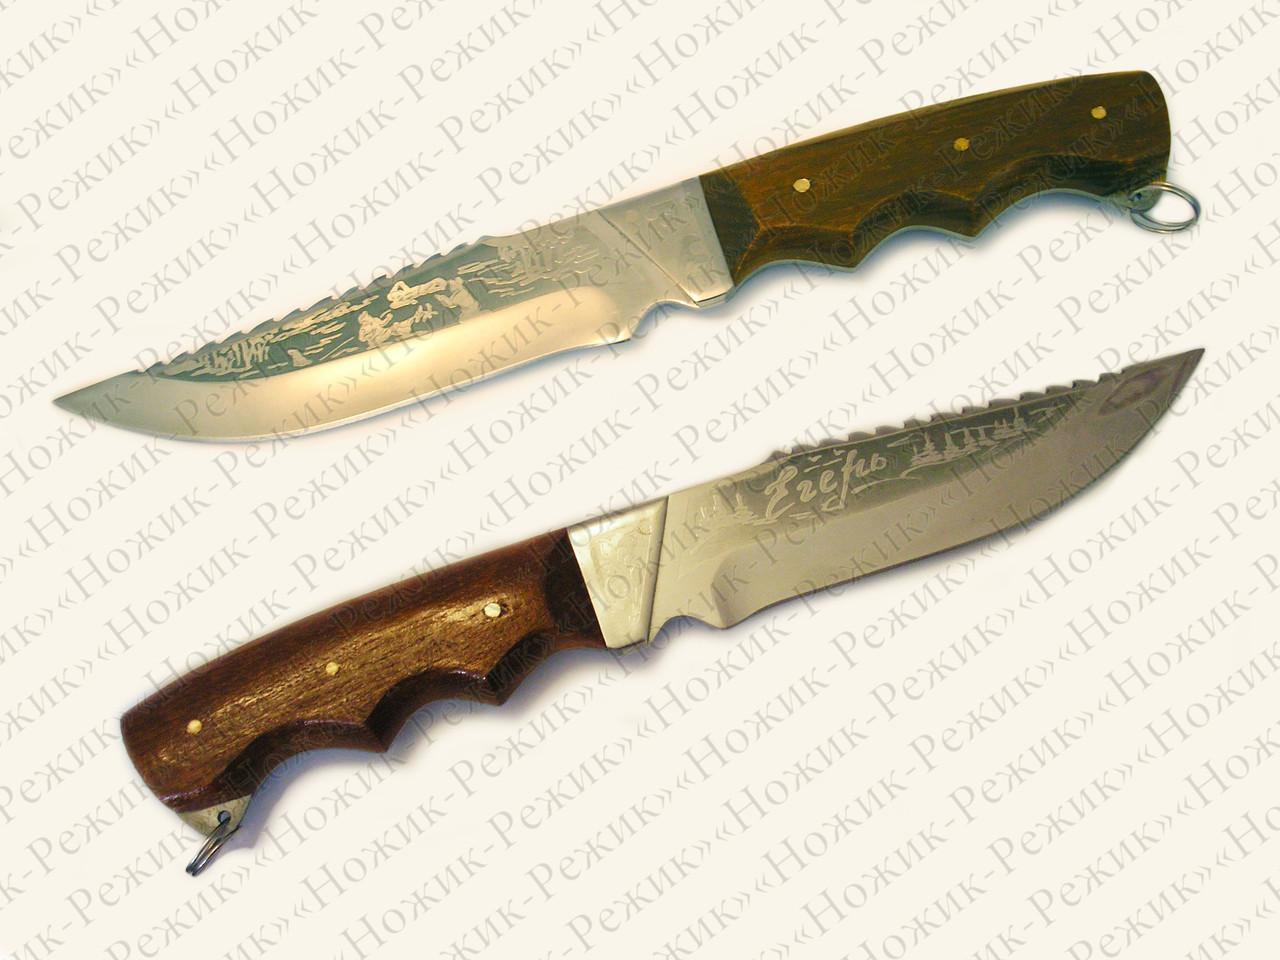 Похідний ніж інтернет магазин ножів, ножі Костянтинівка, туристичний ніж, ніж для полювання та риболовлі